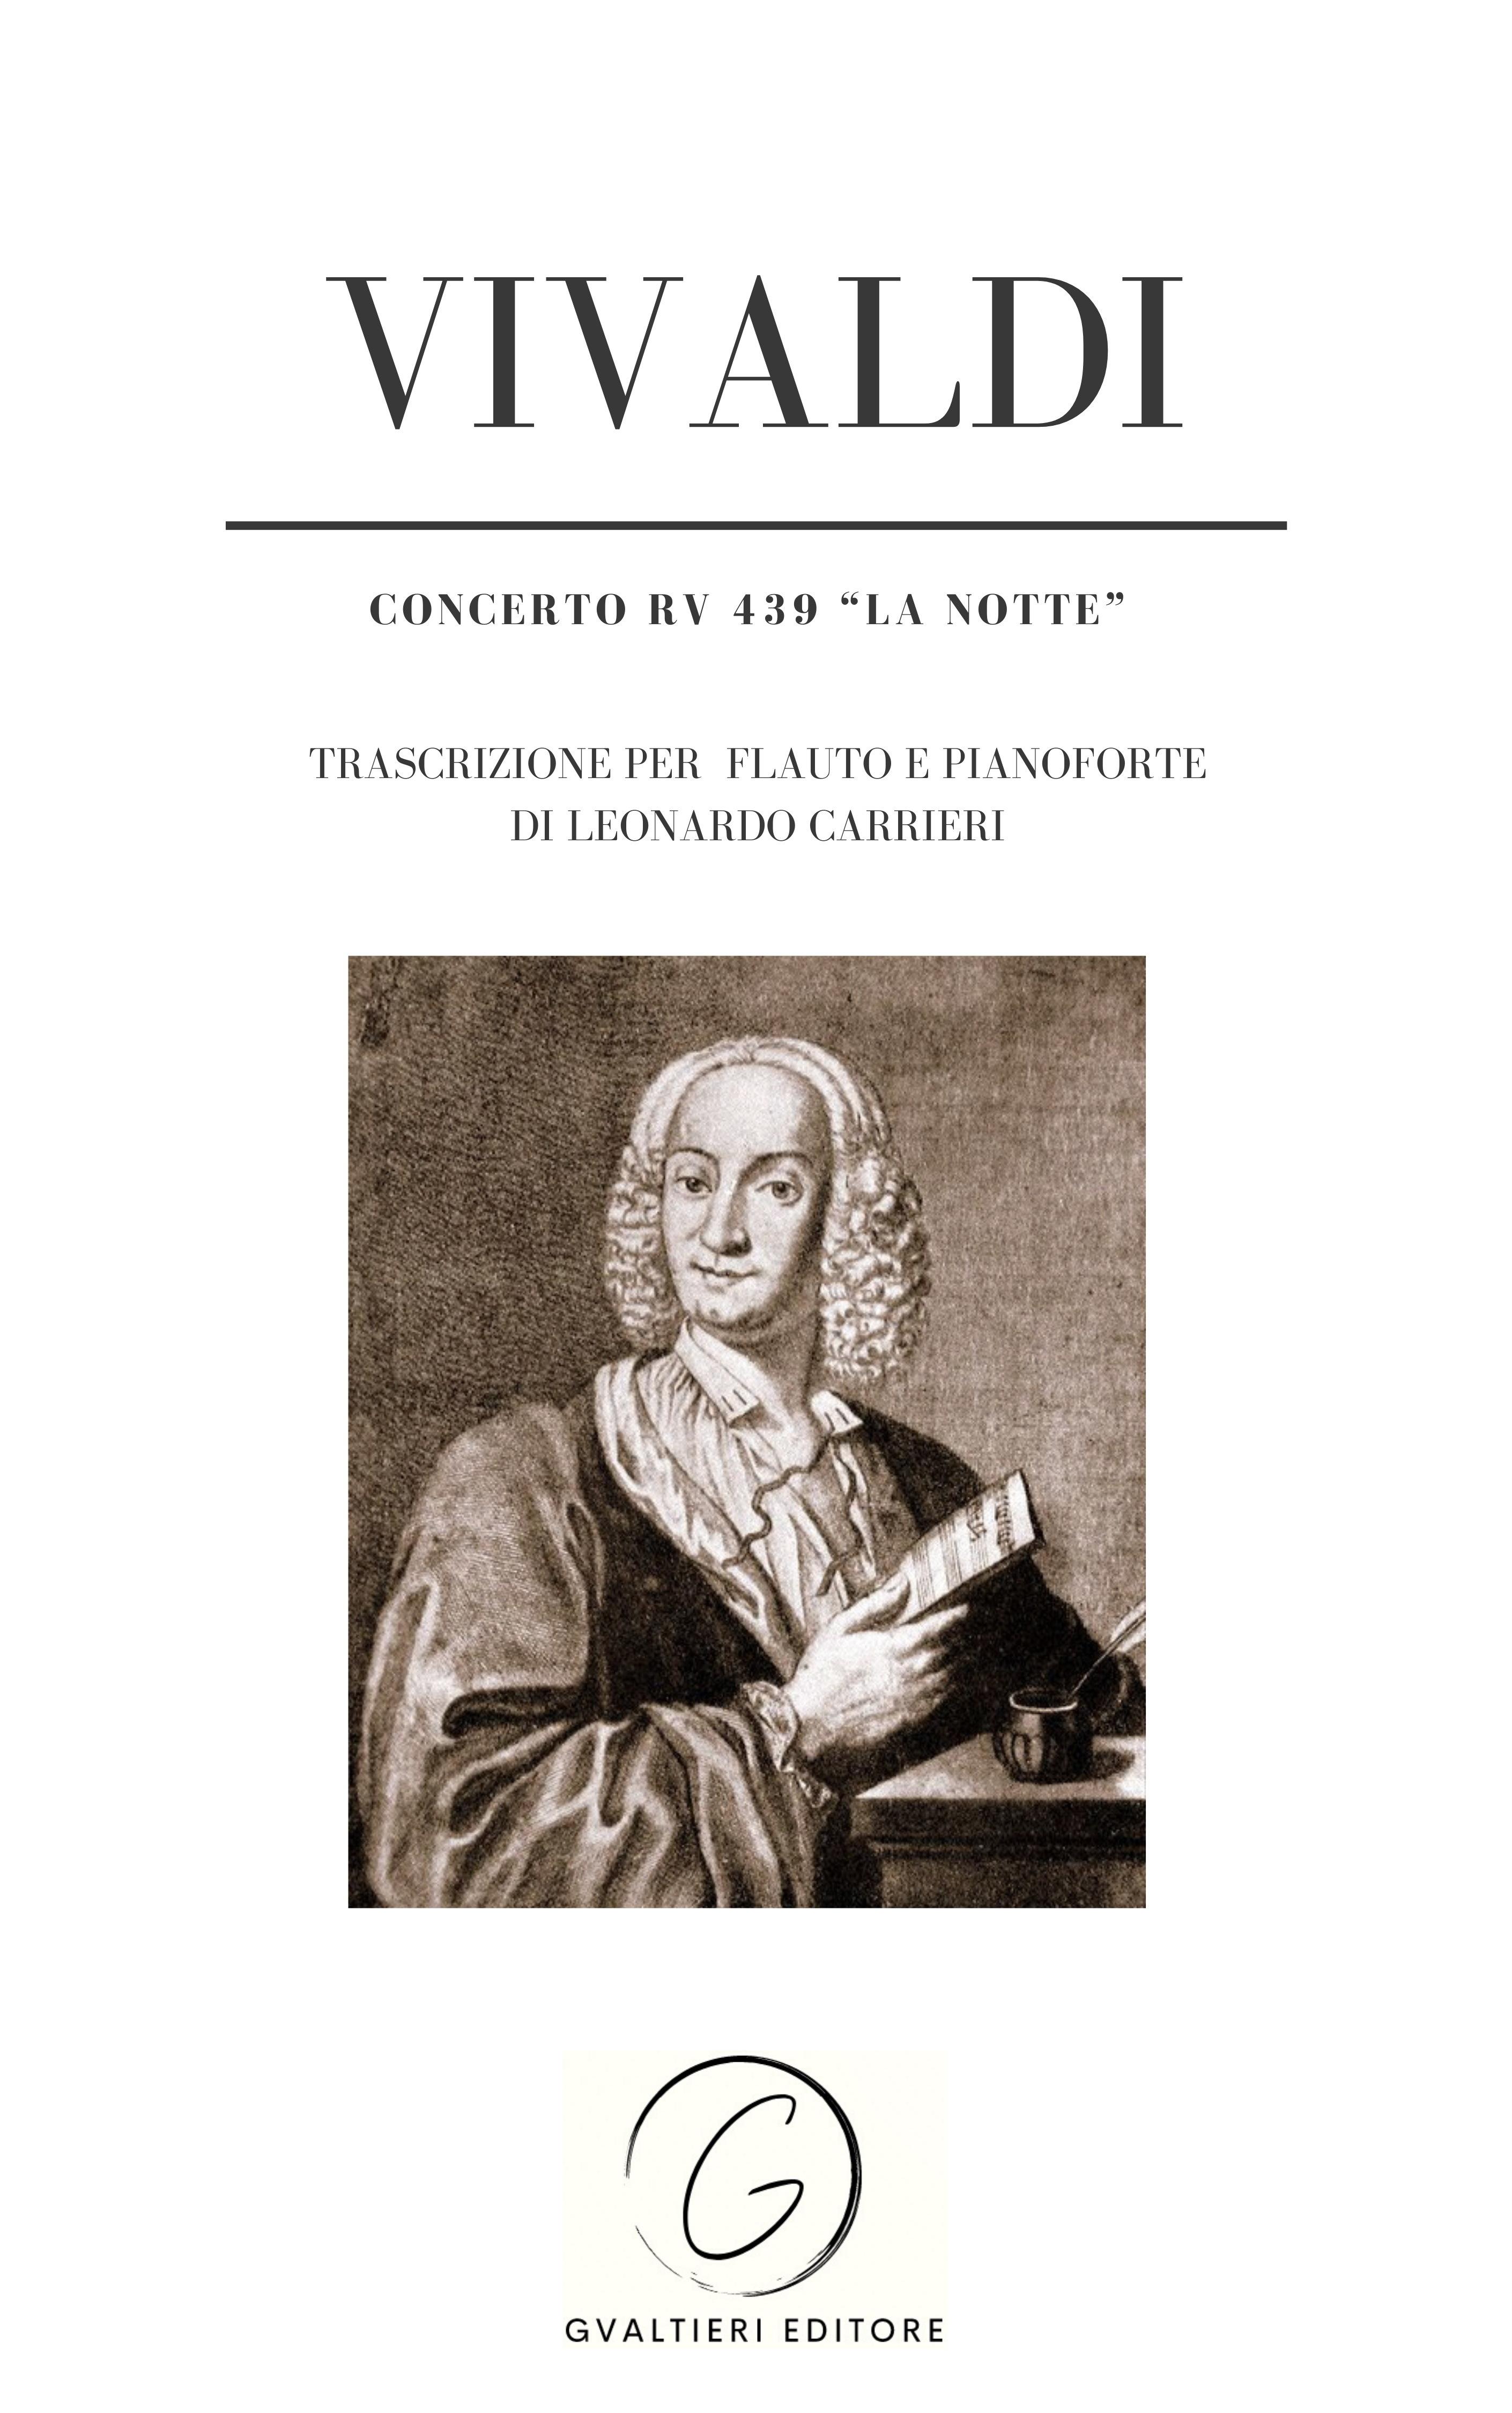 Antonio Vivaldi - Leonardo Carrieri Concerto RV 439 op. 10 n. 2 - La notte antonio simone sografi il trionfo di clelia nuovo dramma classic reprint